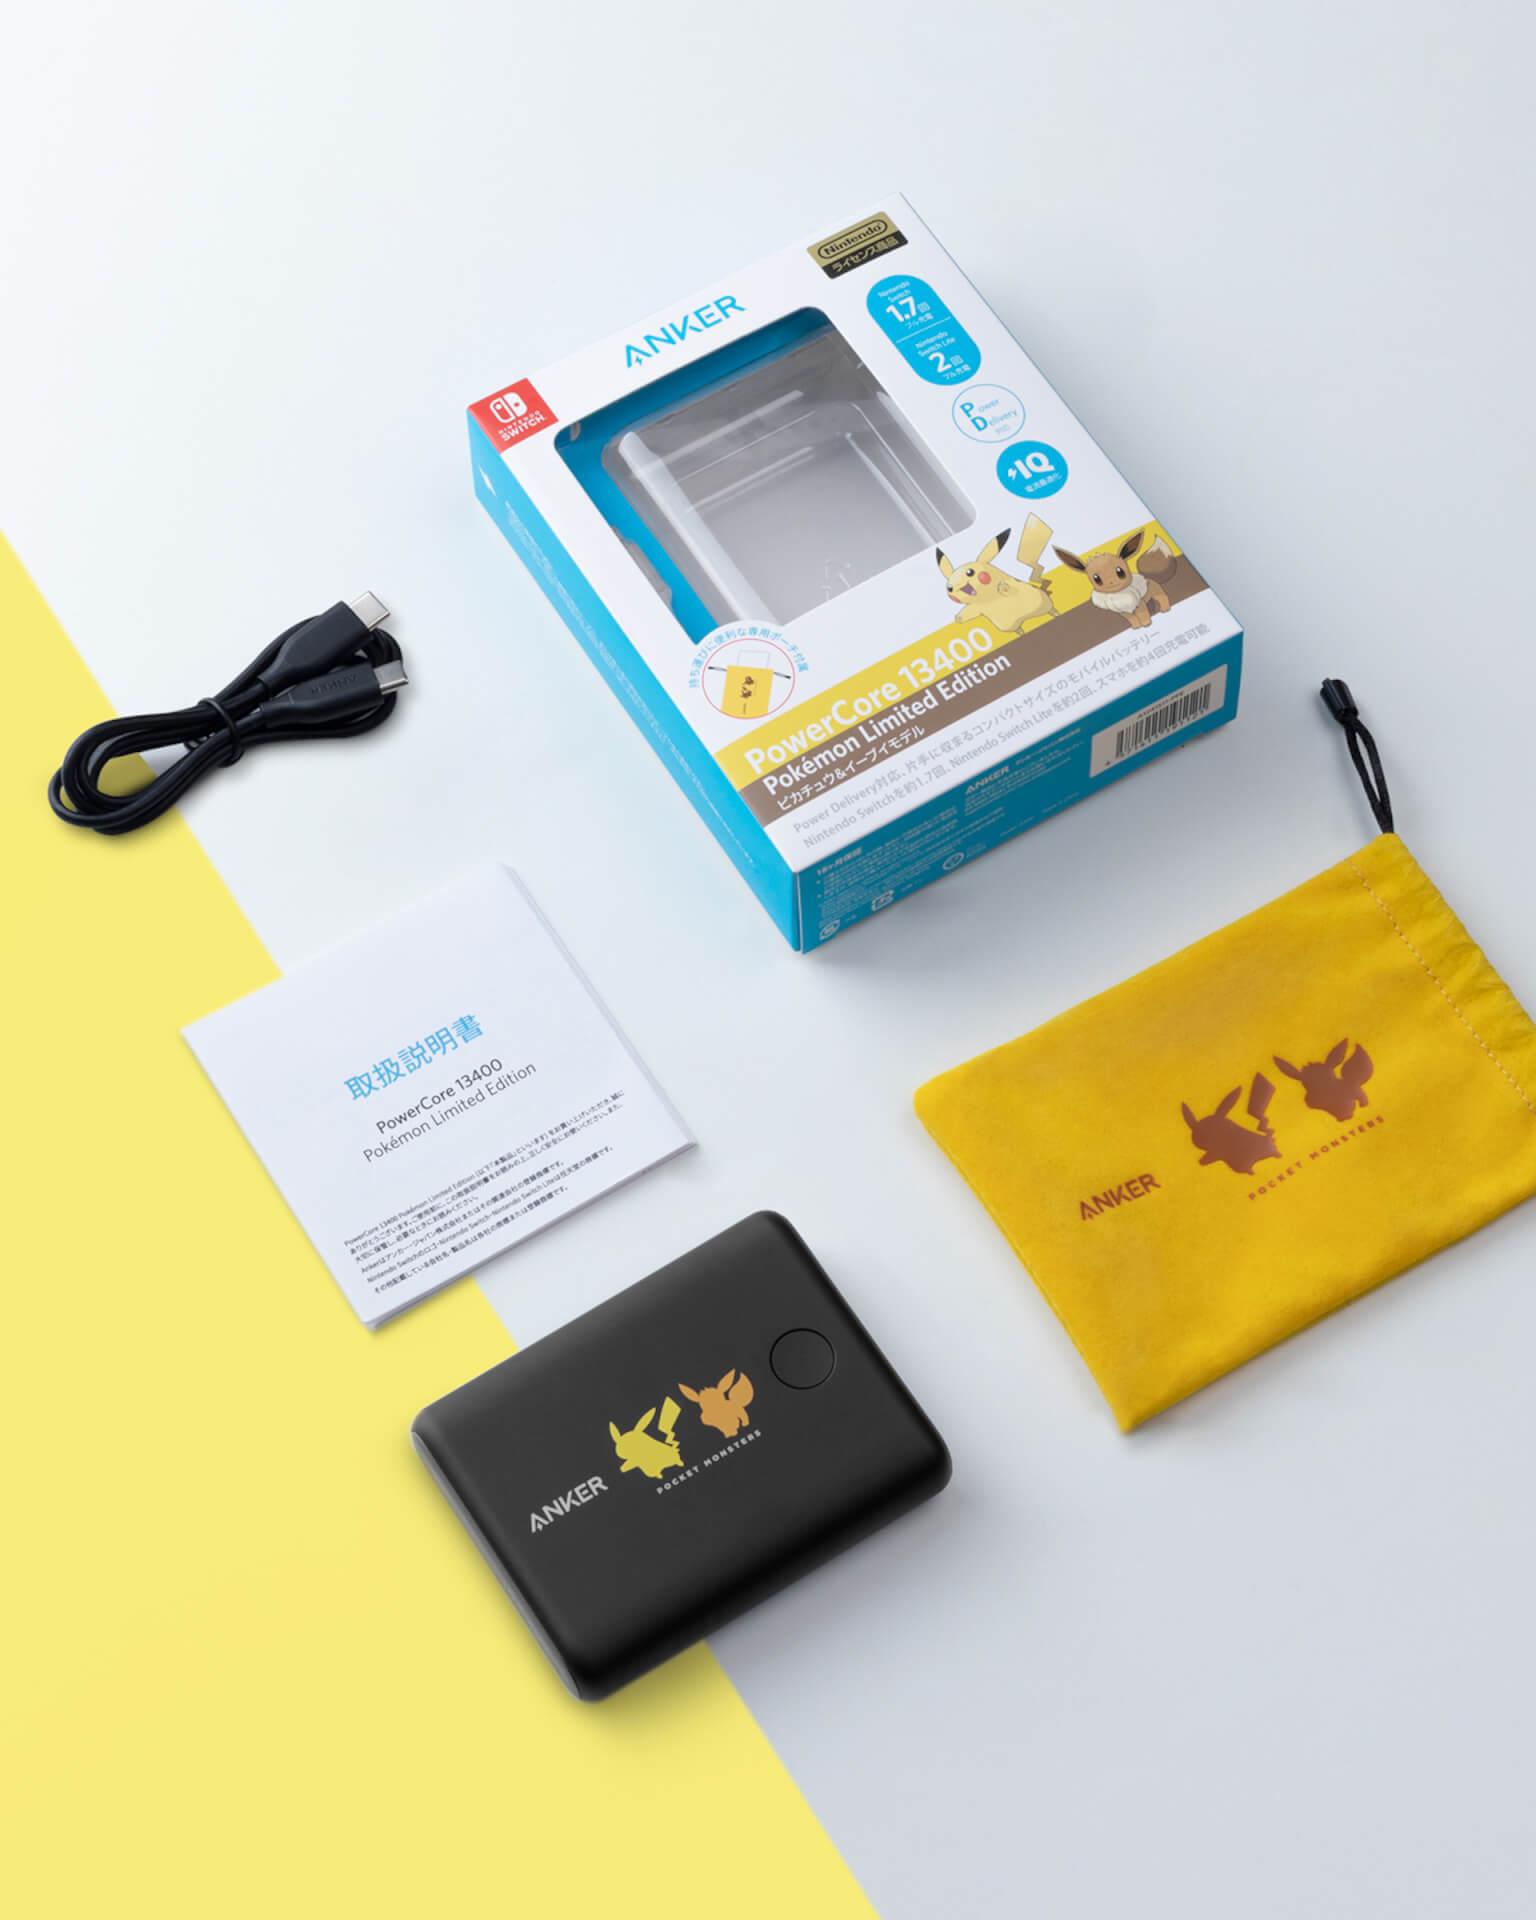 ポケモンがAnker充電器に!Nintendo Switch対応の大容量バッテリー「Anker PowerCore 13400 Pokémon Limited Edition」が登場 tech_191114_ankerxpokemon_8